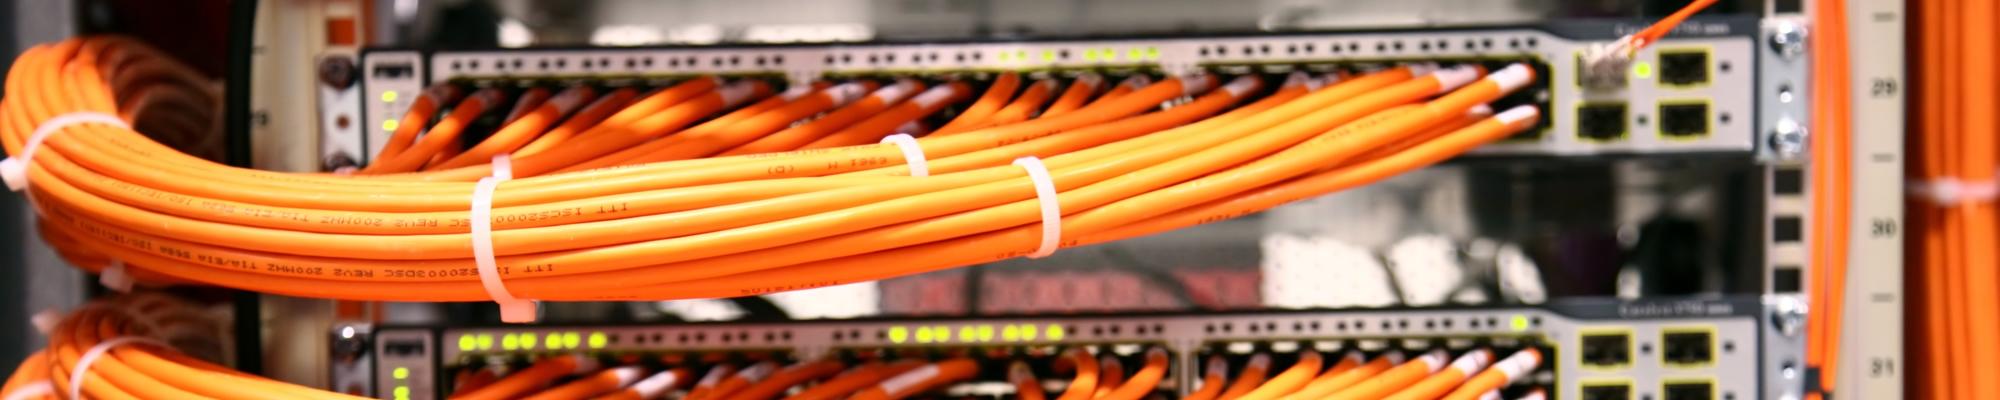 ortel-cabling